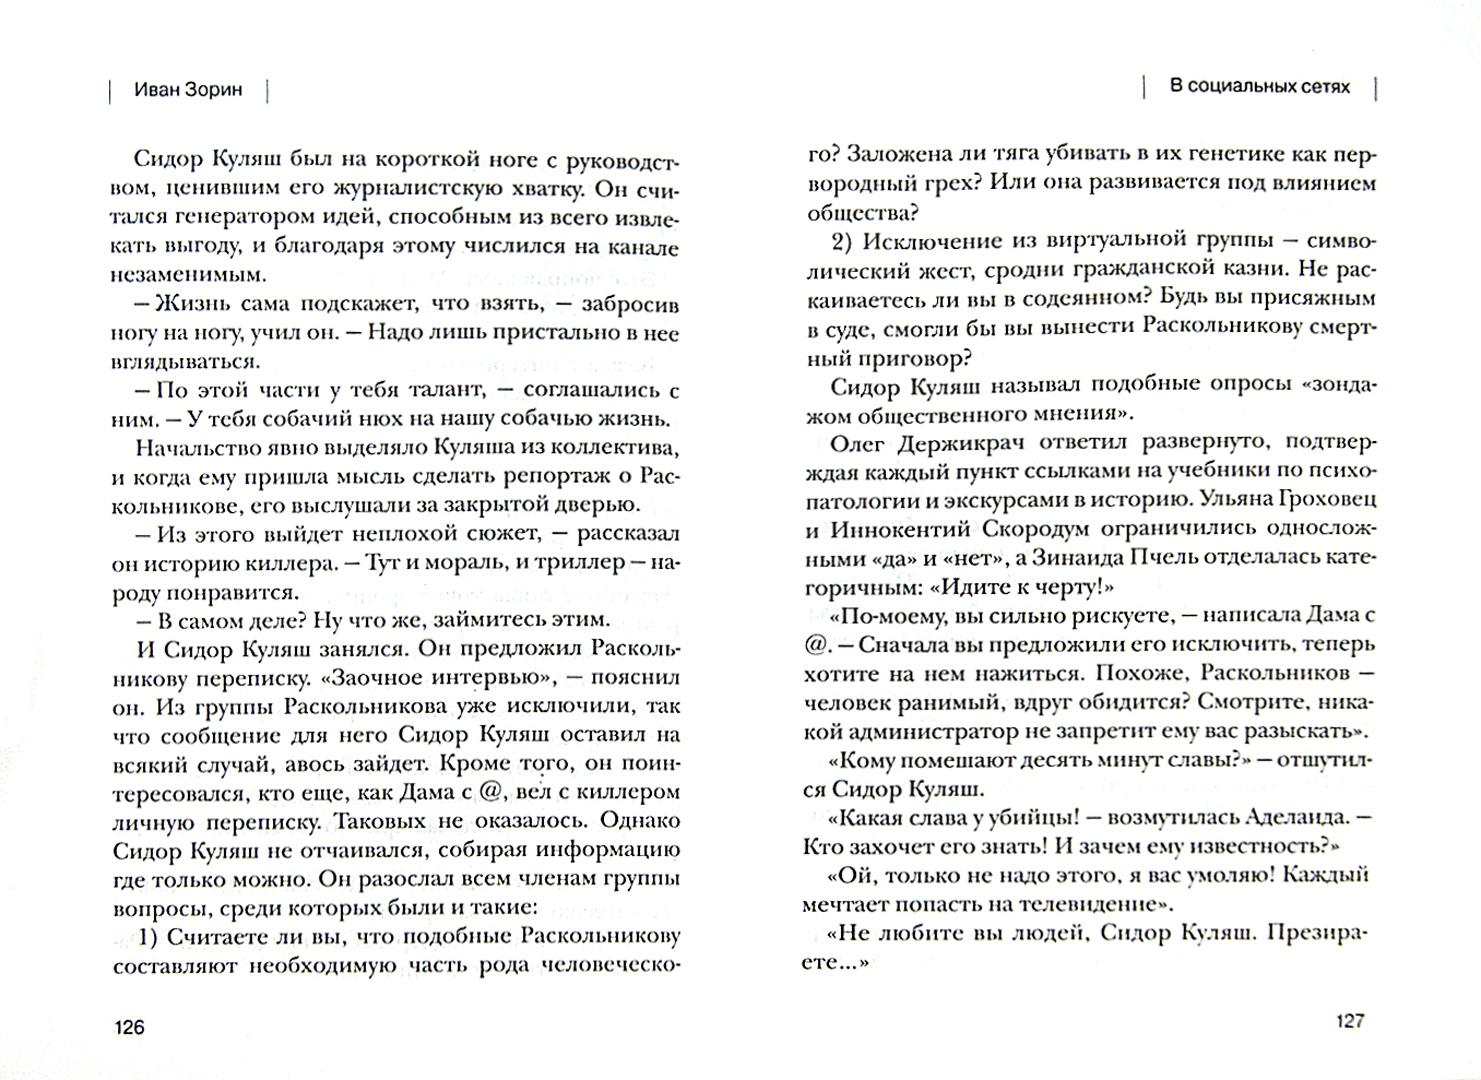 Иллюстрация 1 из 6 для В социальных сетях - Иван Зорин   Лабиринт - книги. Источник: Лабиринт